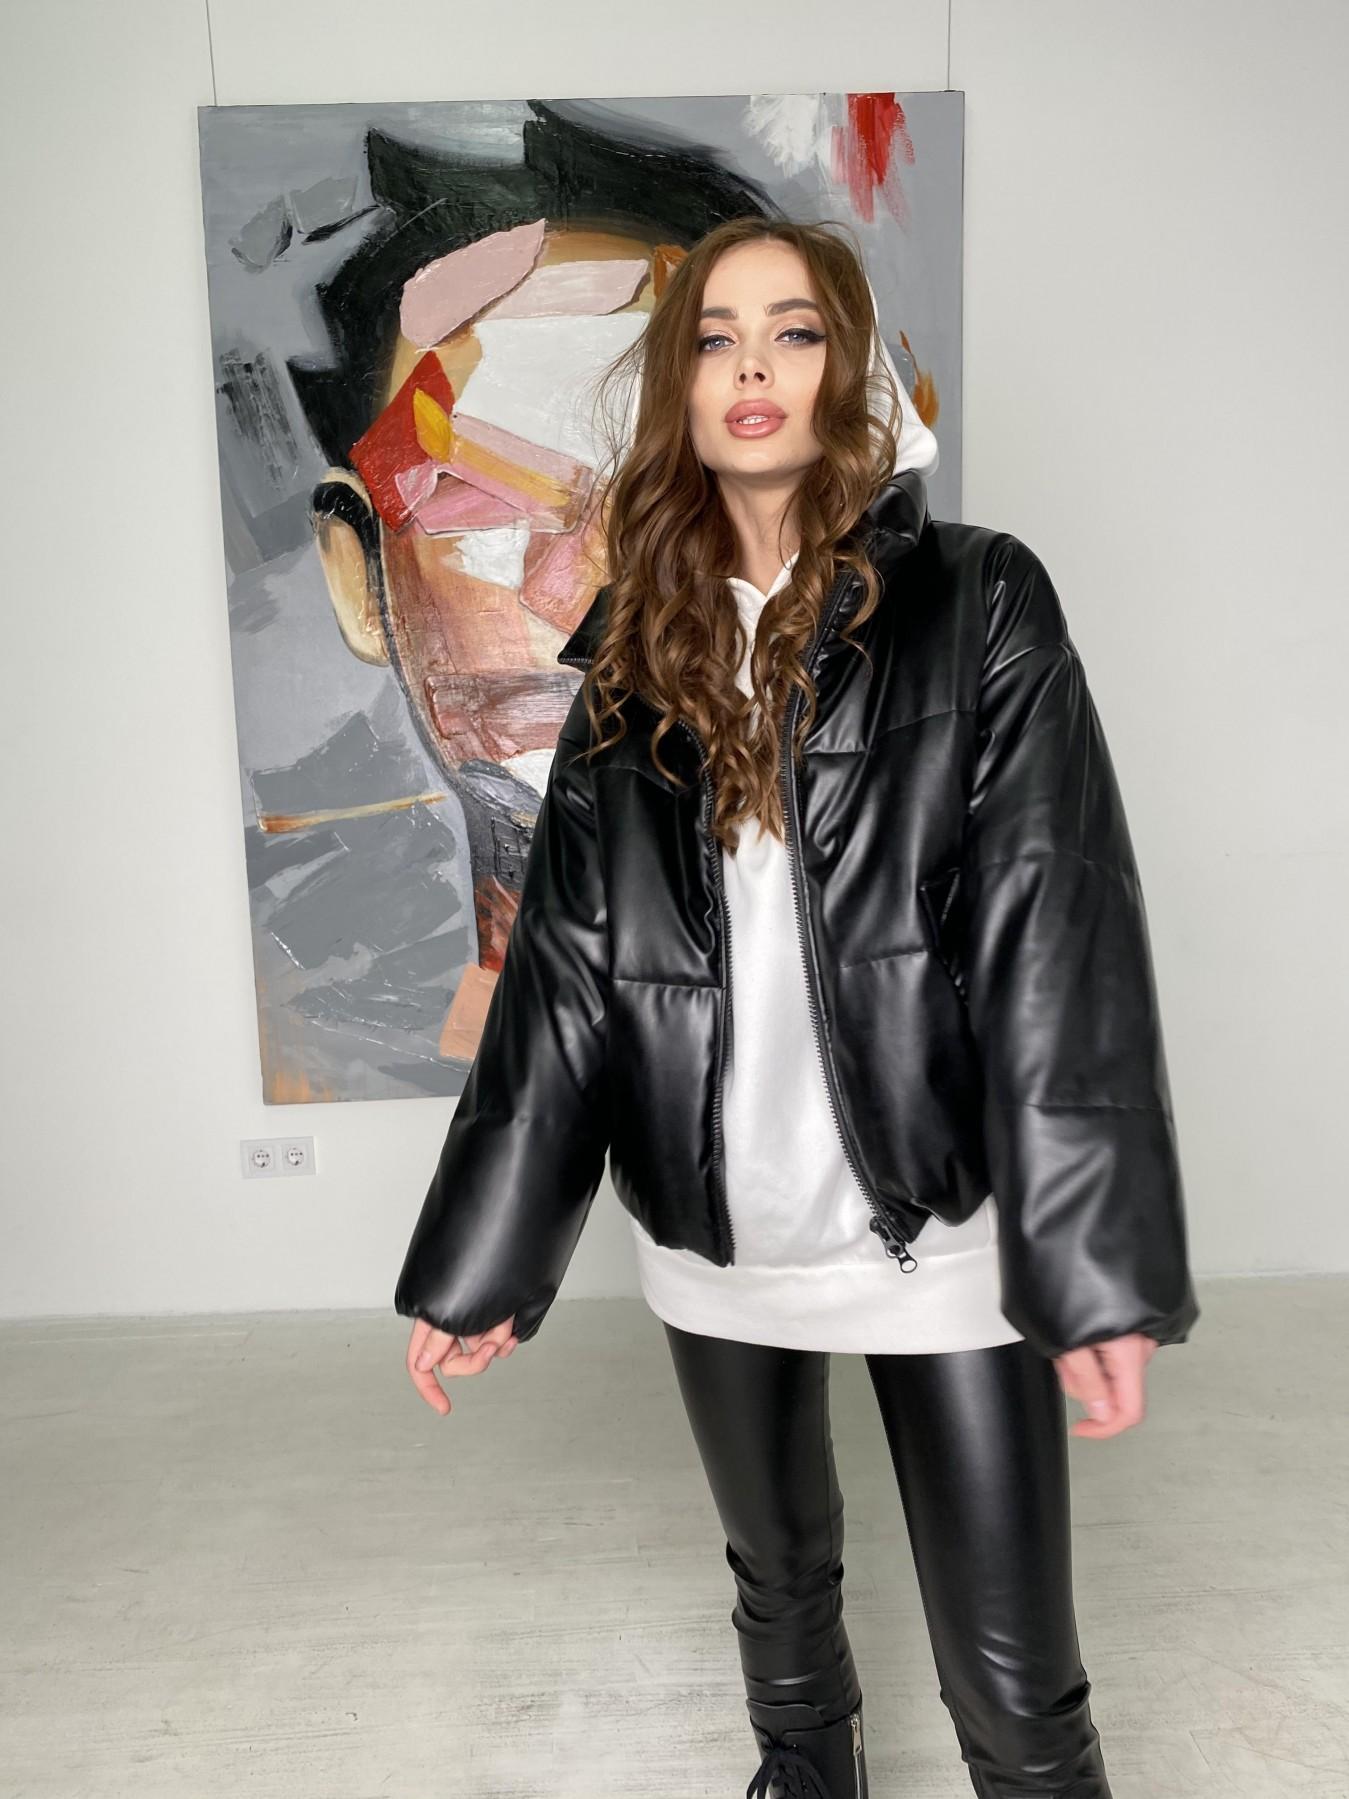 Драйв куртка из  экокожи  10499 АРТ. 46845 Цвет: Черный - фото 11, интернет магазин tm-modus.ru